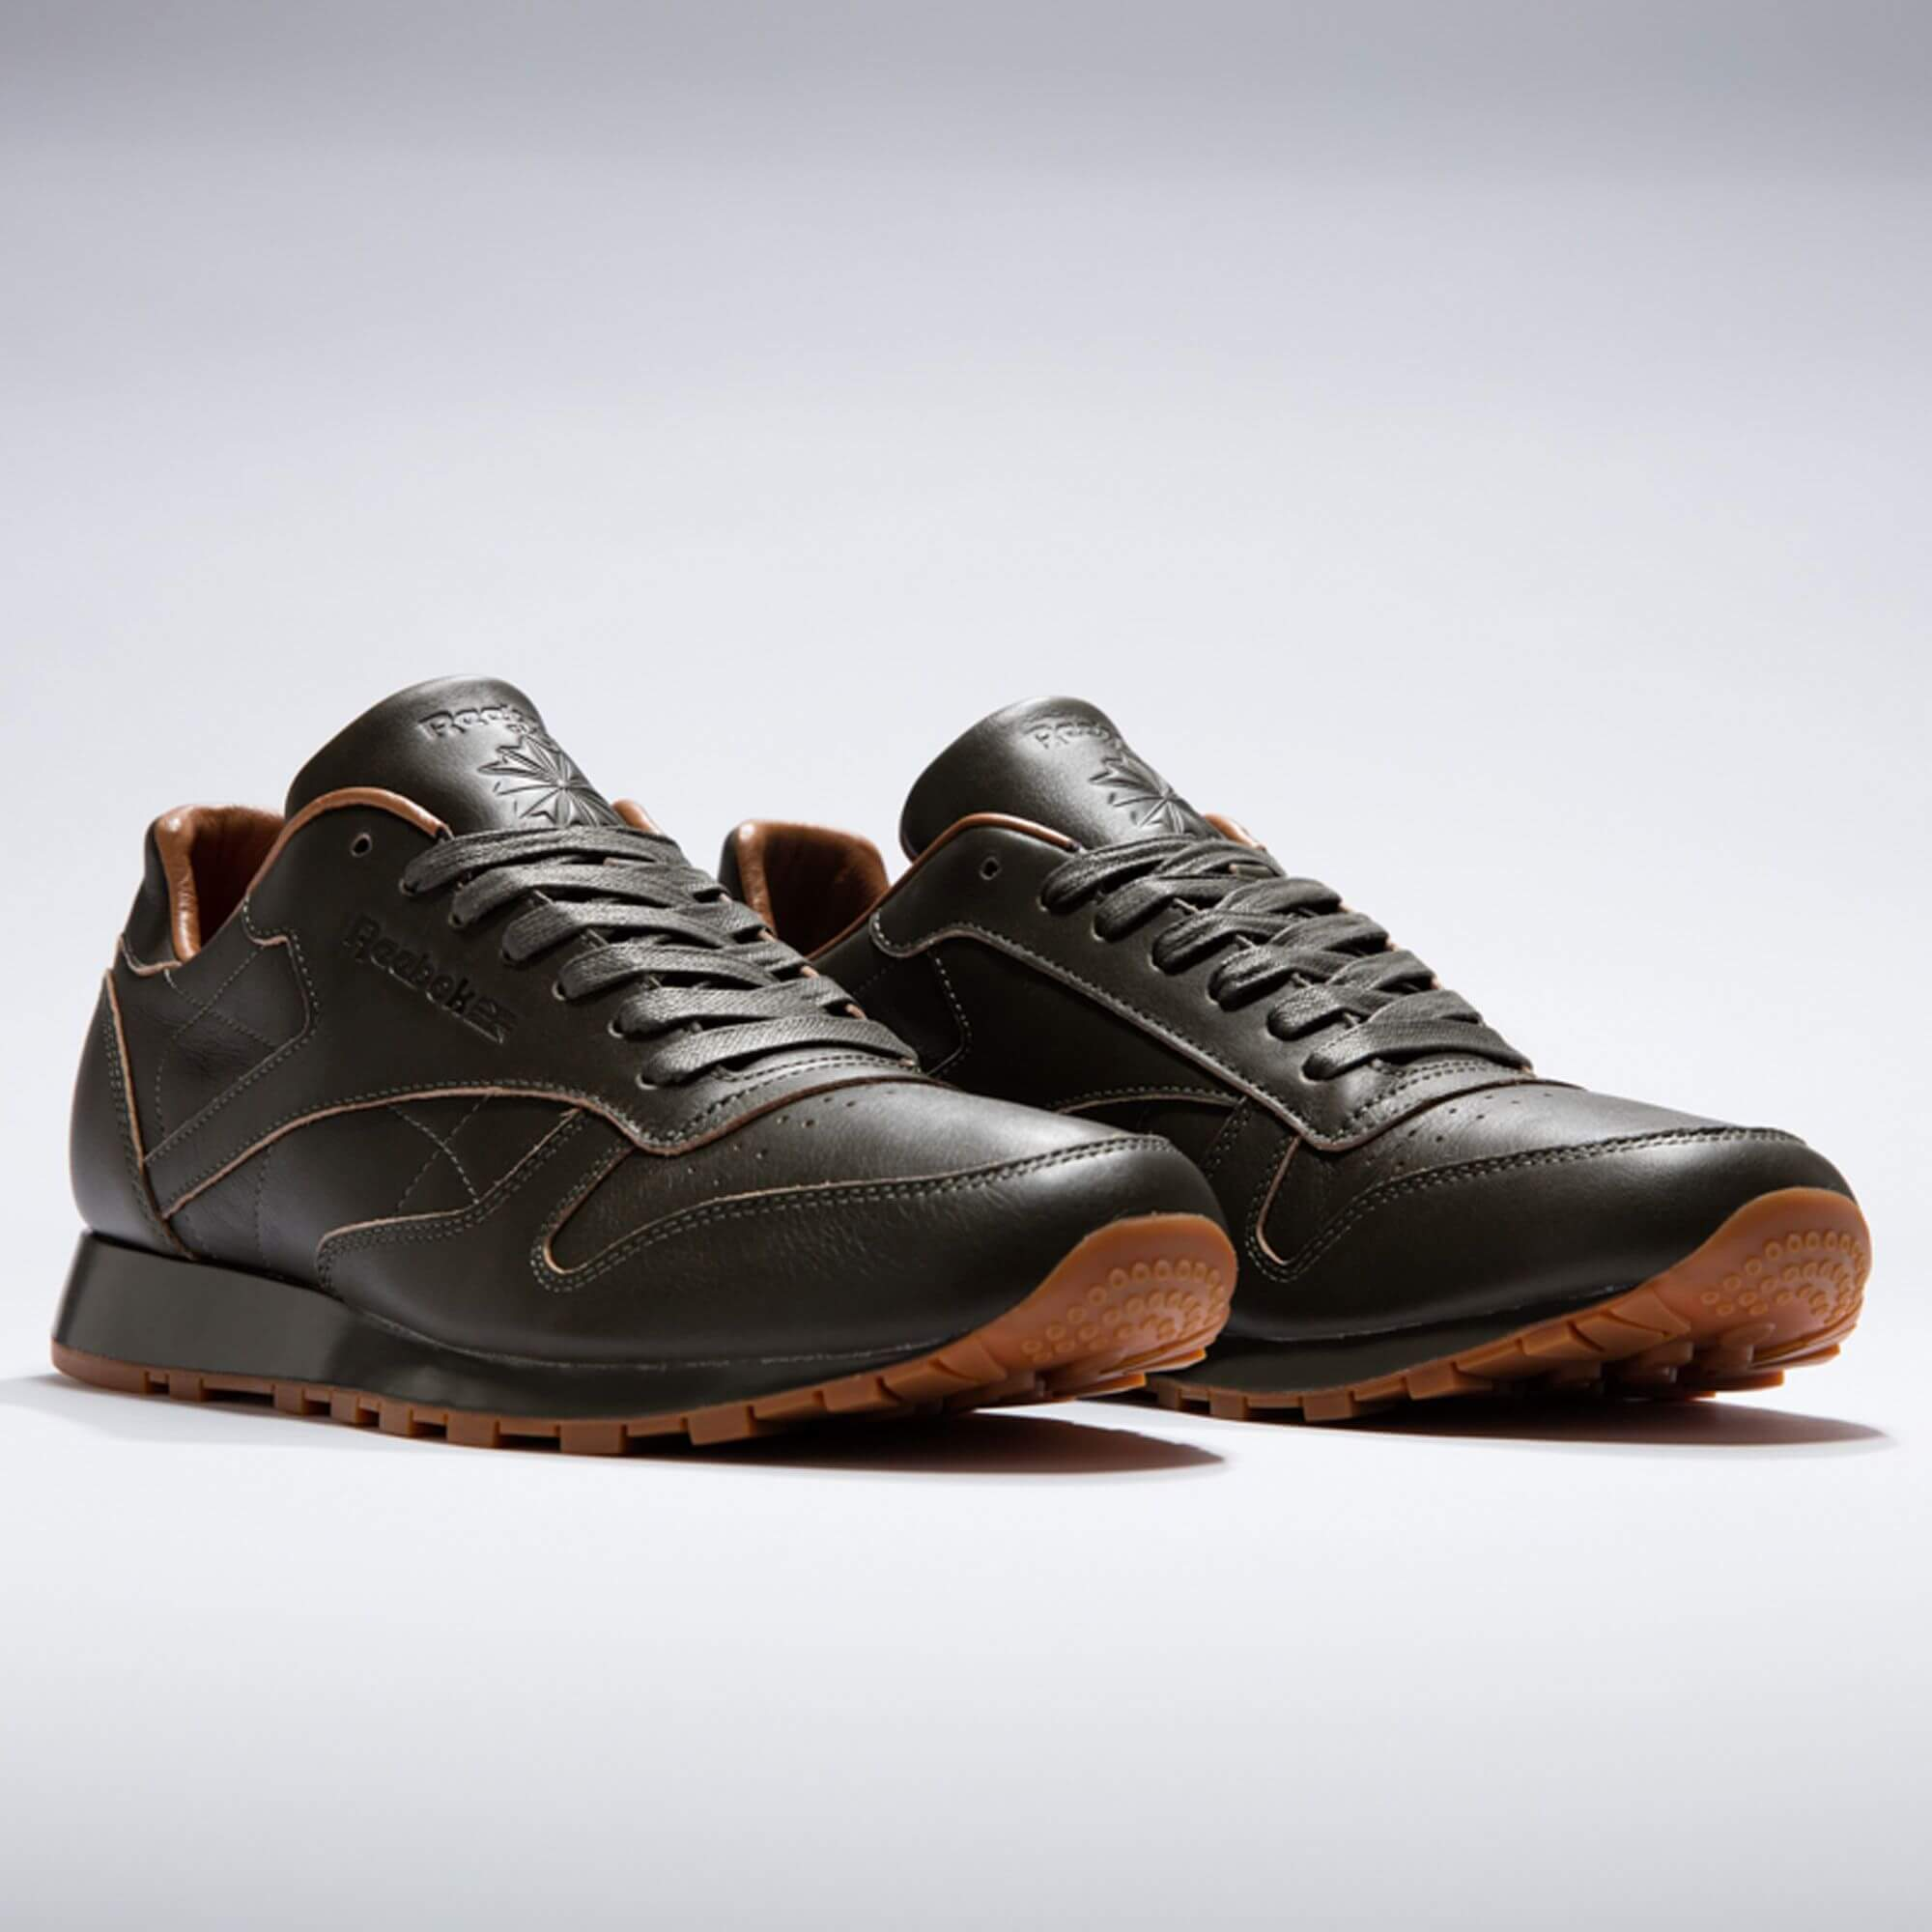 09f97ad9ca8 kendrick-lamar-x-reebok-leather-lux-bs7465-1 – ARCH-USA